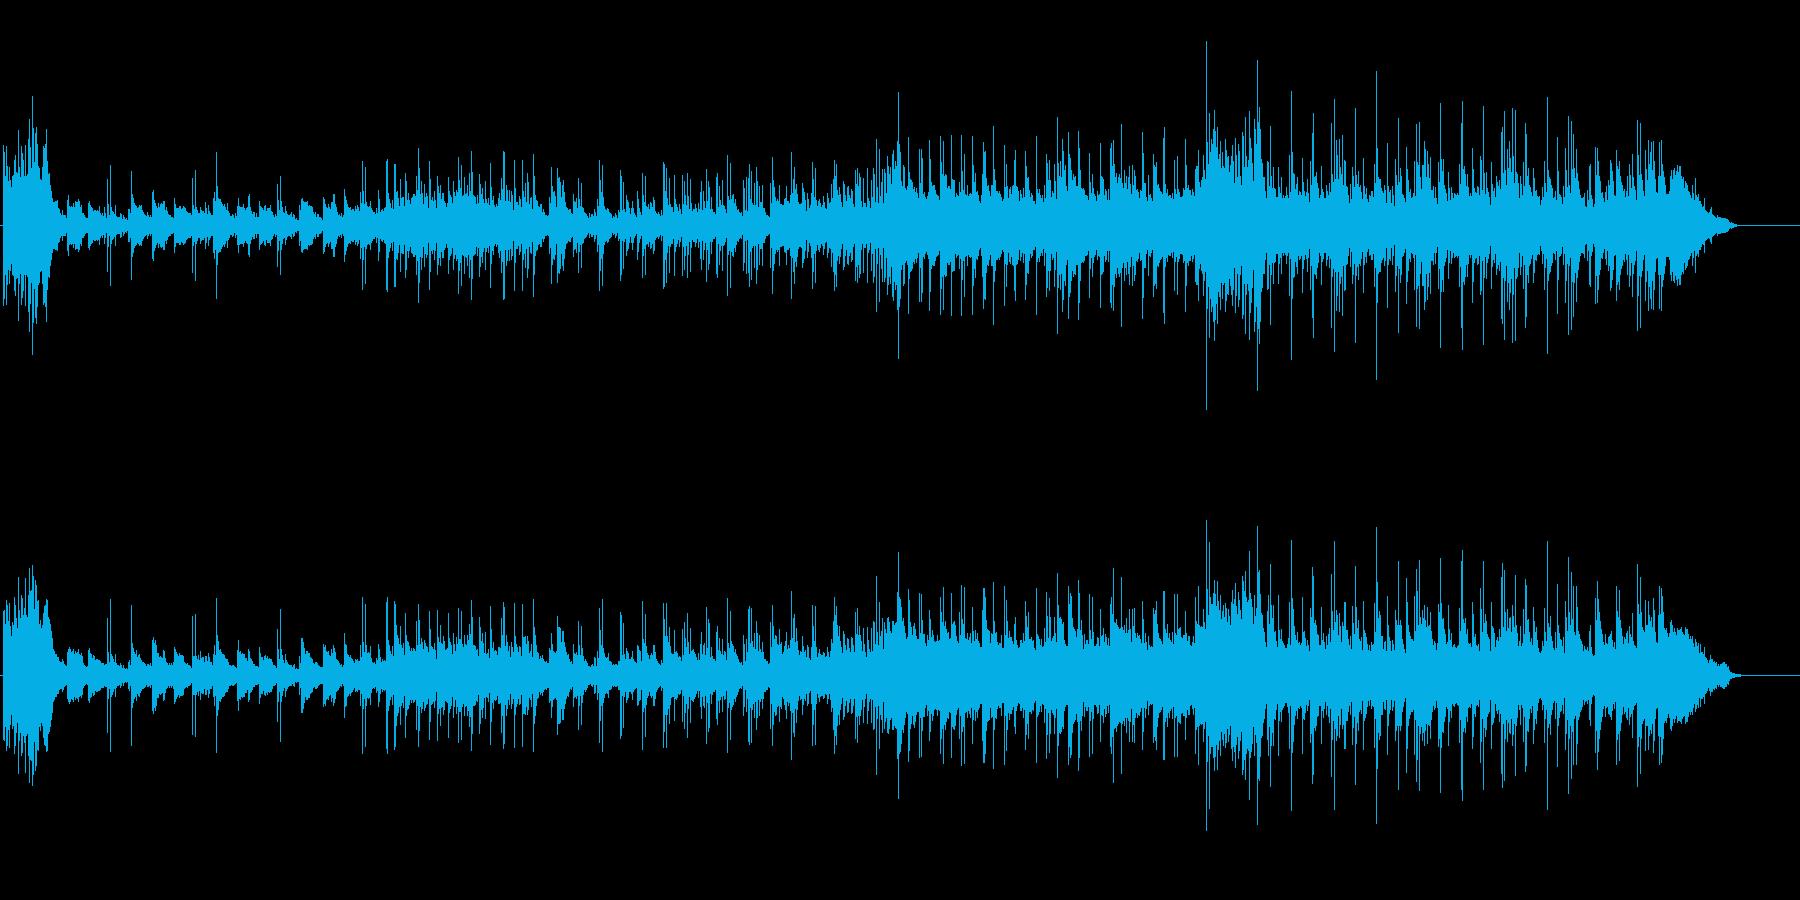 洒落た都会的センスのピアノ・バラードの再生済みの波形